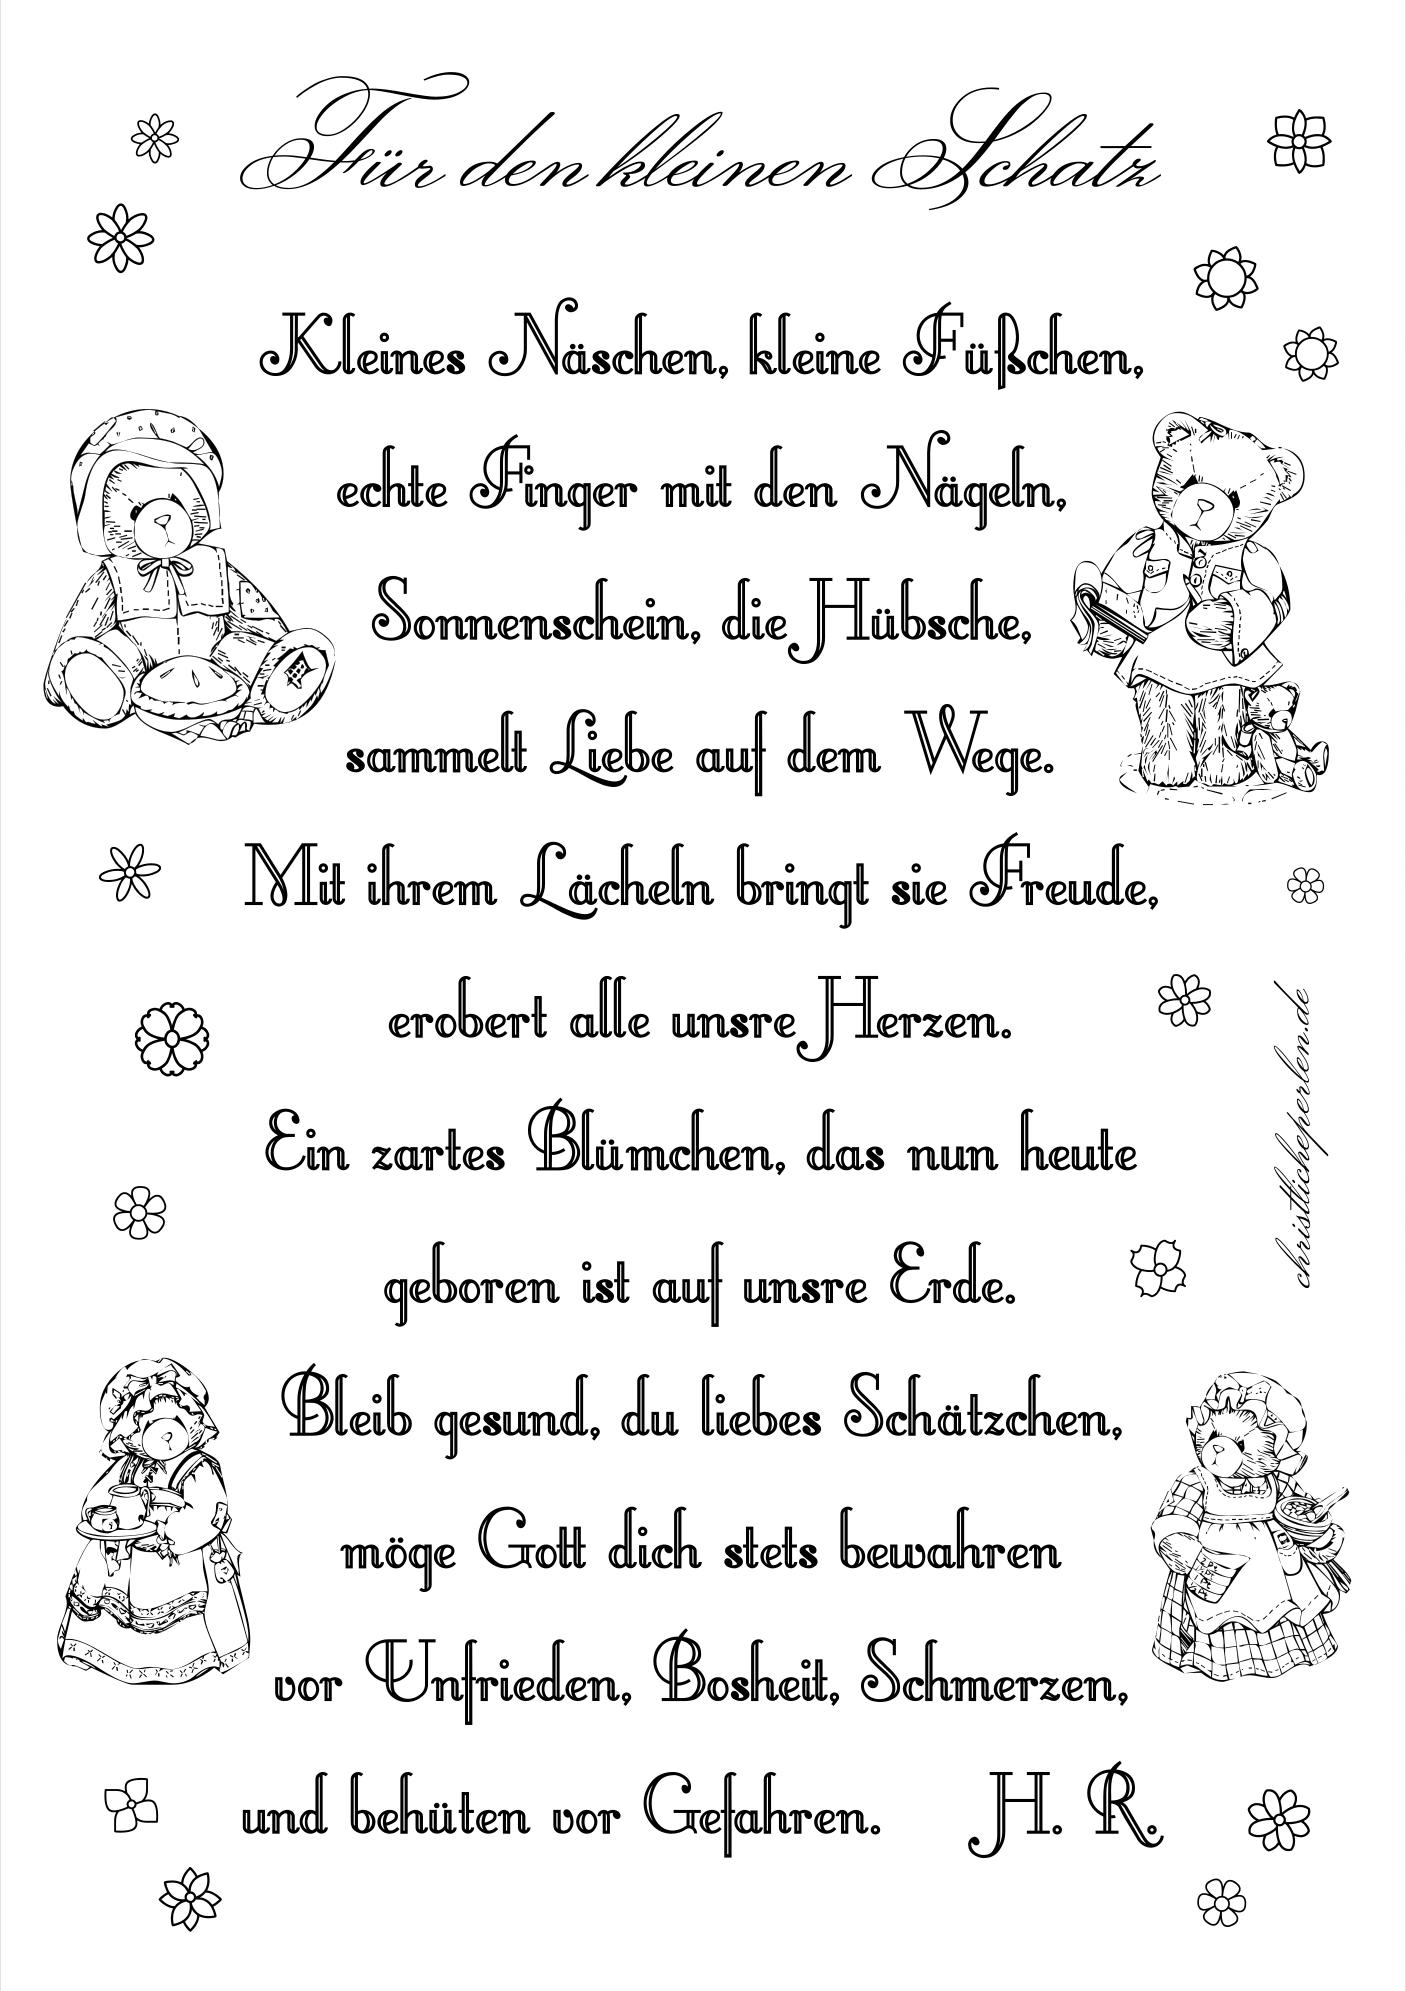 Kleines gedicht zum 60 geburtstag